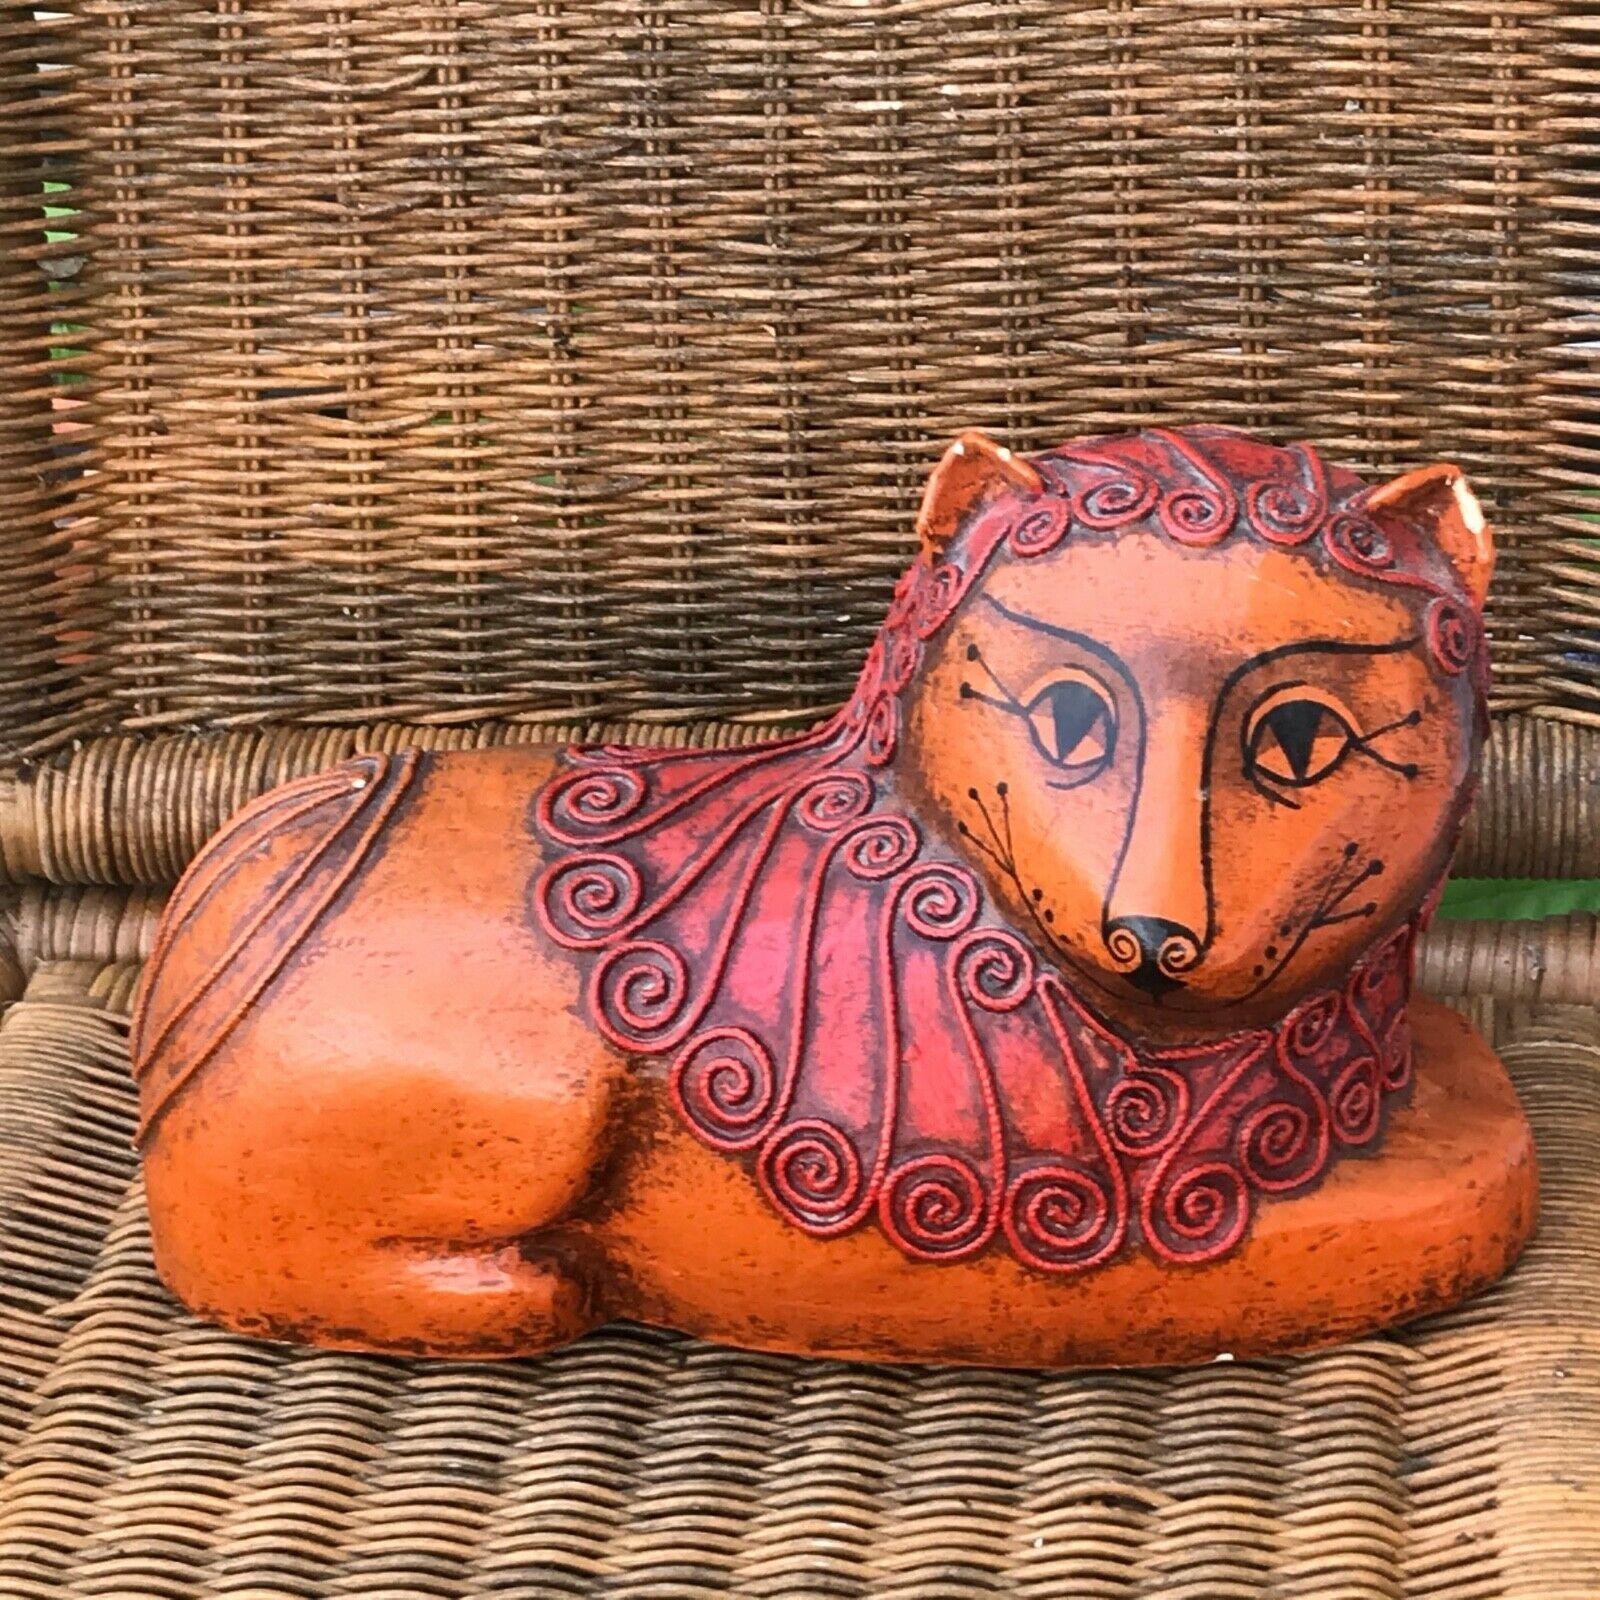 MEXICAN FOLK ART Gemma Taccogna Lion Orange Paper Mache Cat papier-mâché 1960s - $189.99